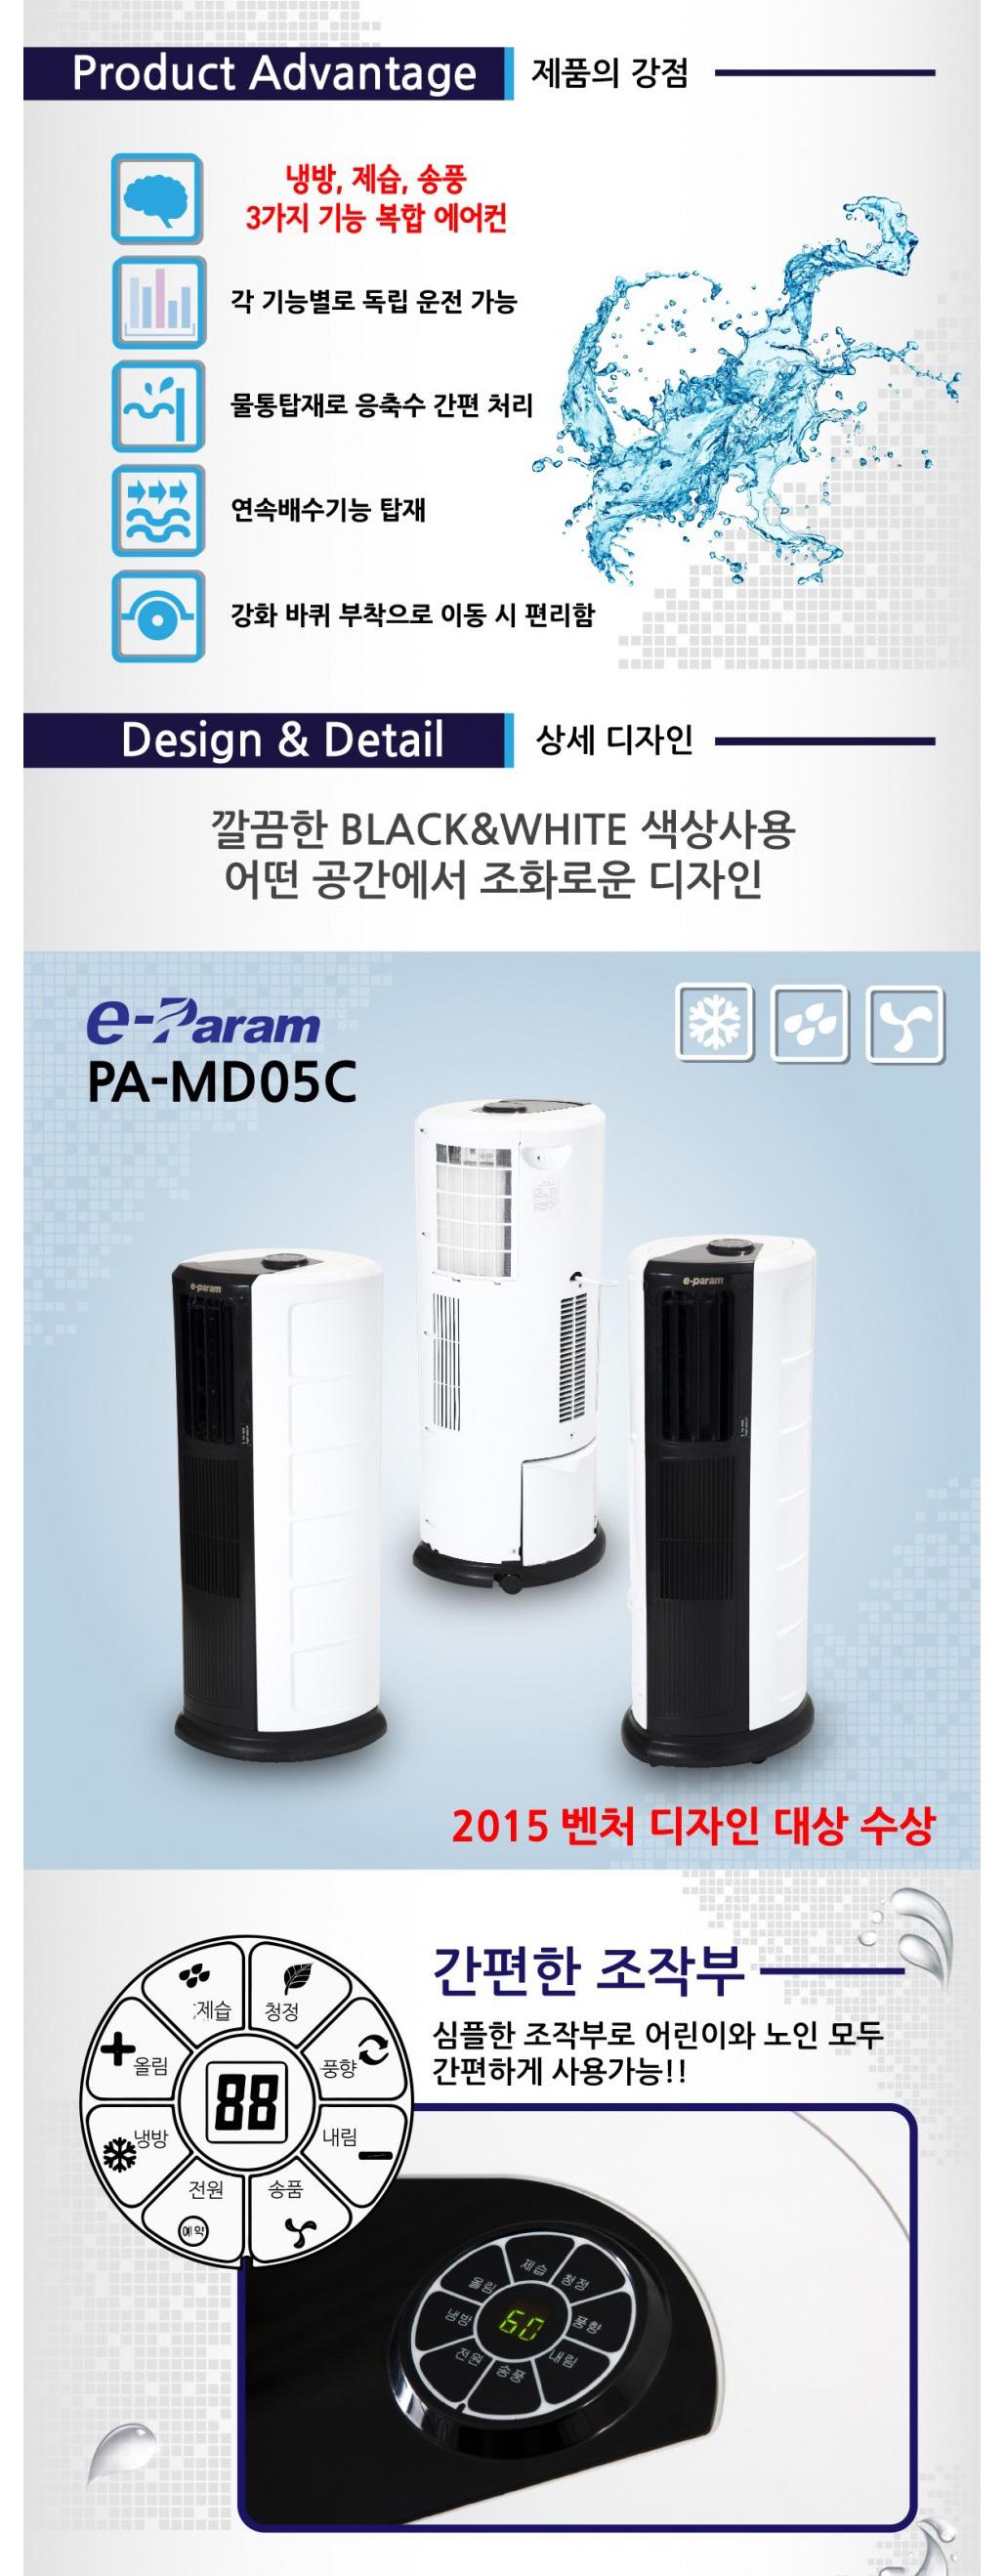 (주)파람 이동식 에어컨 PA-MD05C 1